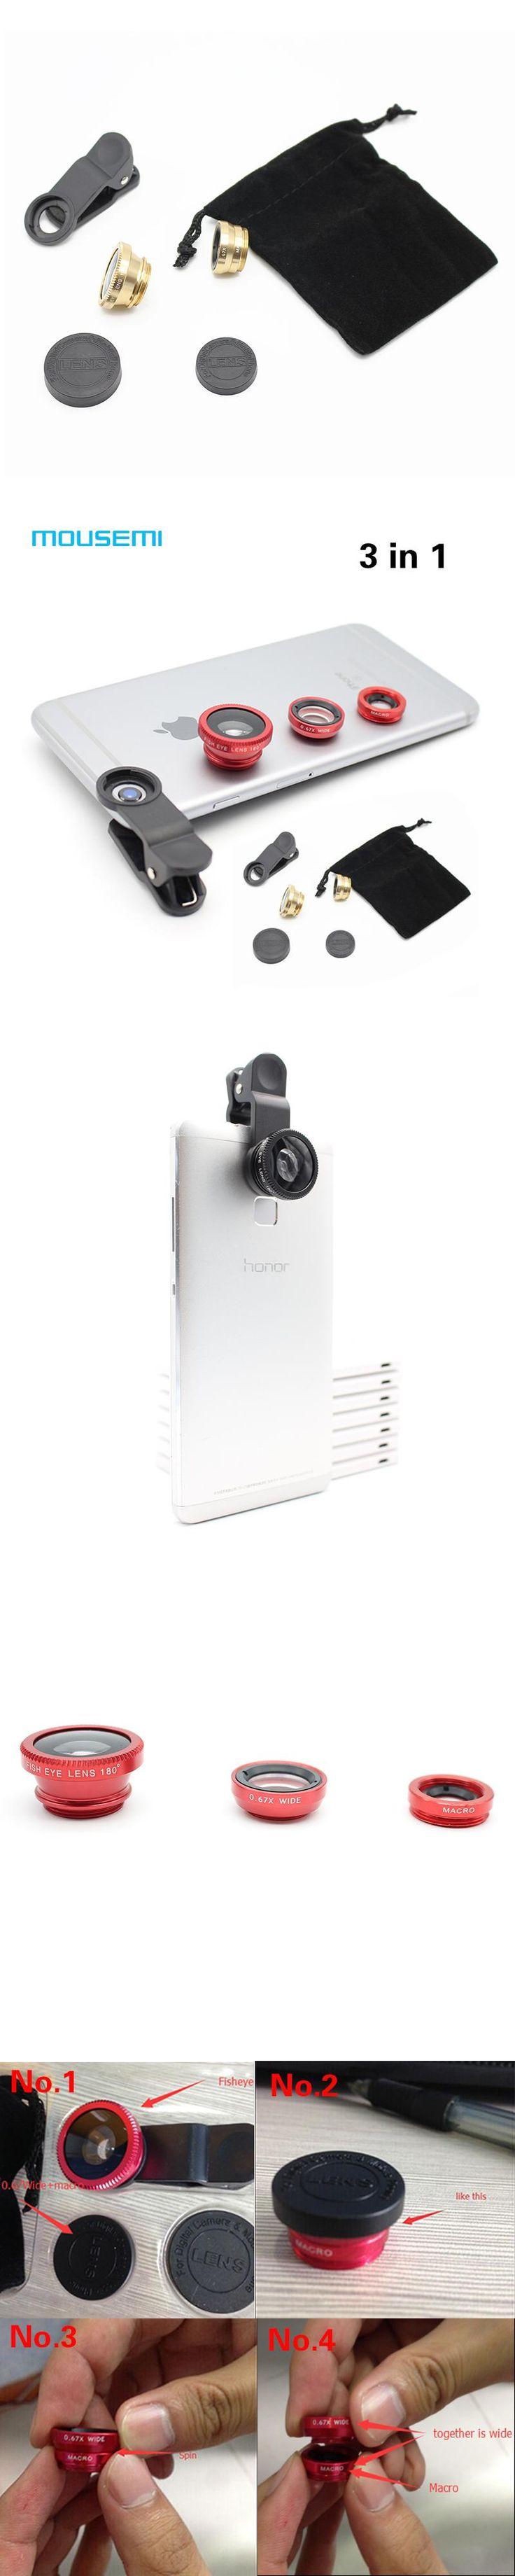 208 besten Mobile Phone Parts Bilder auf Pinterest | Handys ...